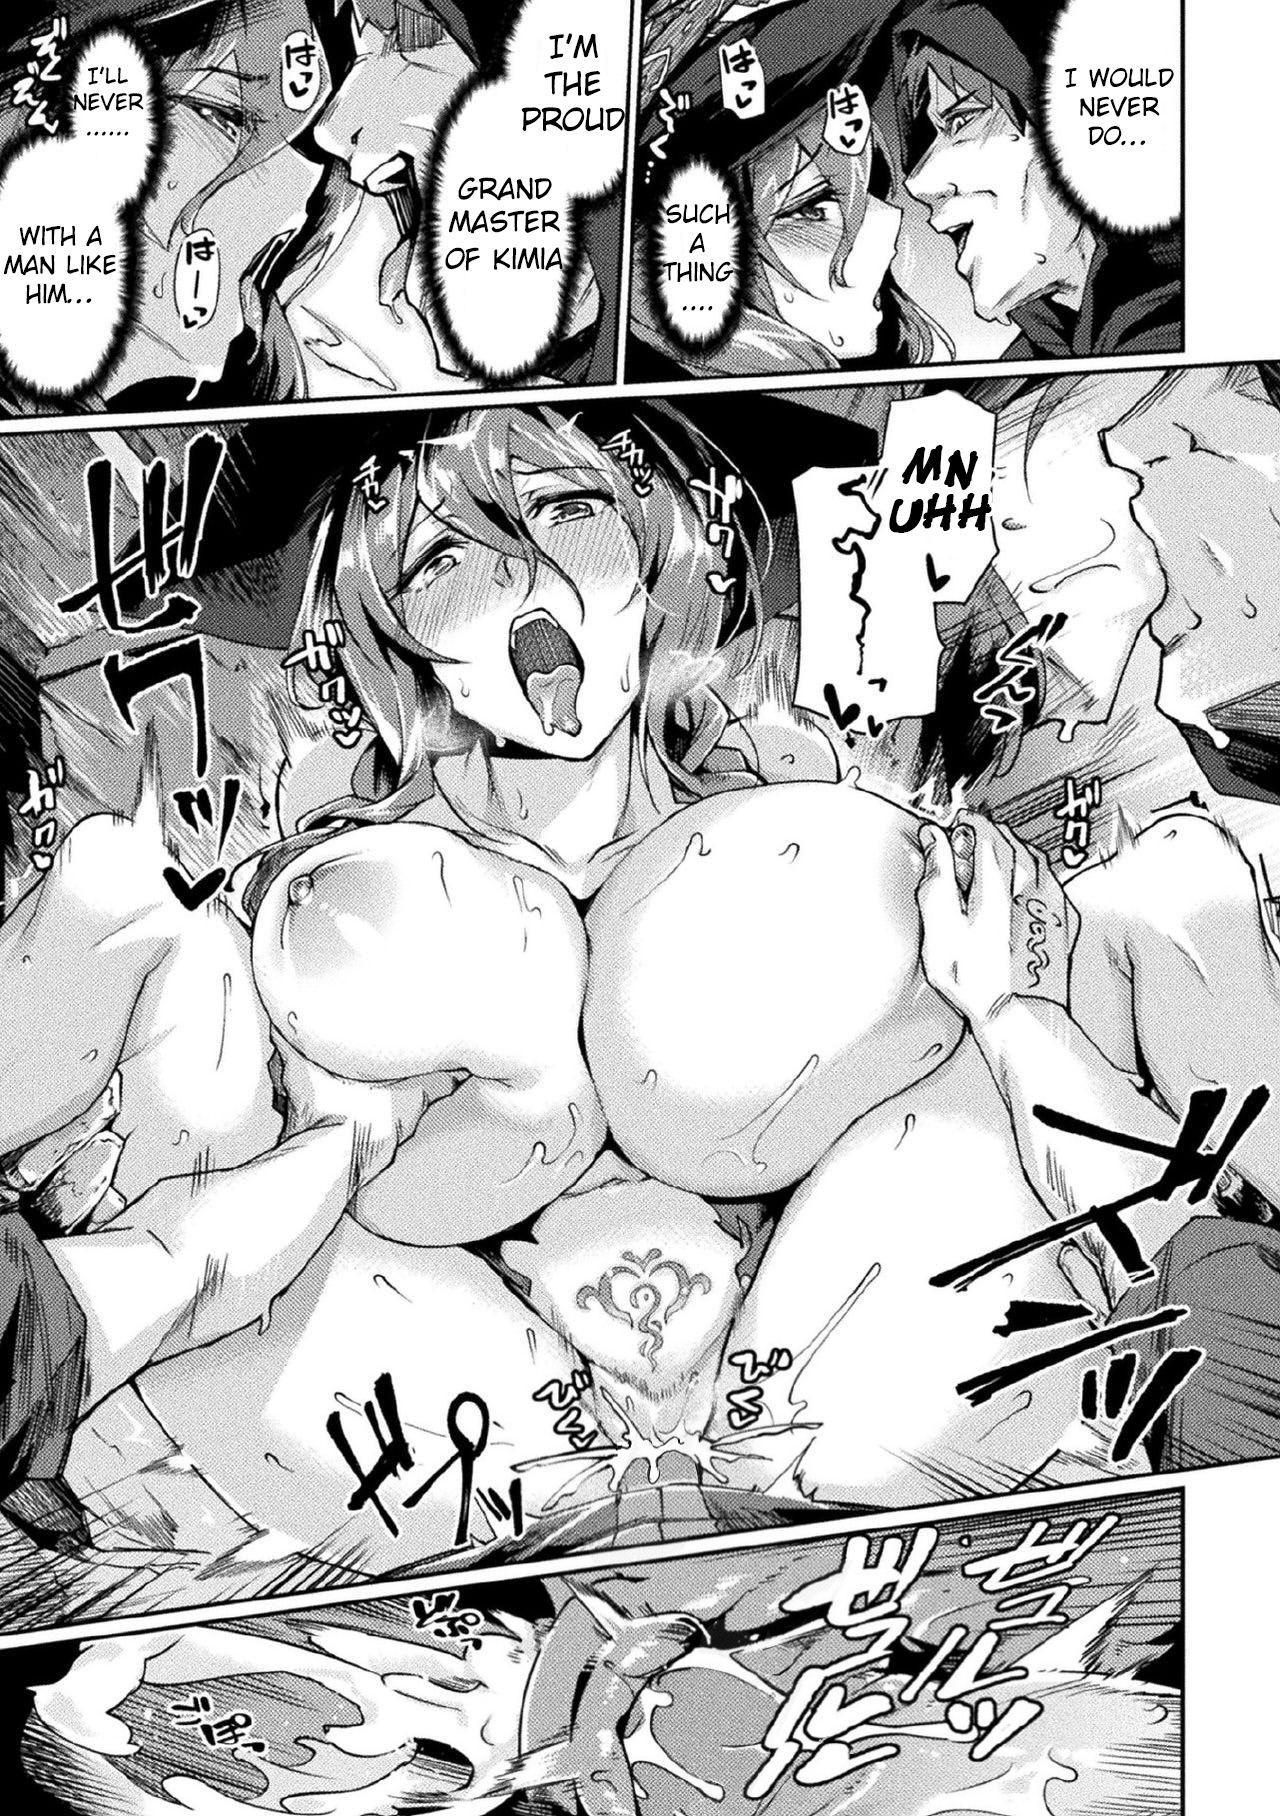 [Tsukitokage] Kuroinu II ~Inyoku ni Somaru Haitoku no Miyako, Futatabi~ THE COMIC Chapter 3 (Kukkoro Heroines Vol. 1) [English] {Hennojin+Raknnkarscans} [Decensored] [Digital] 18